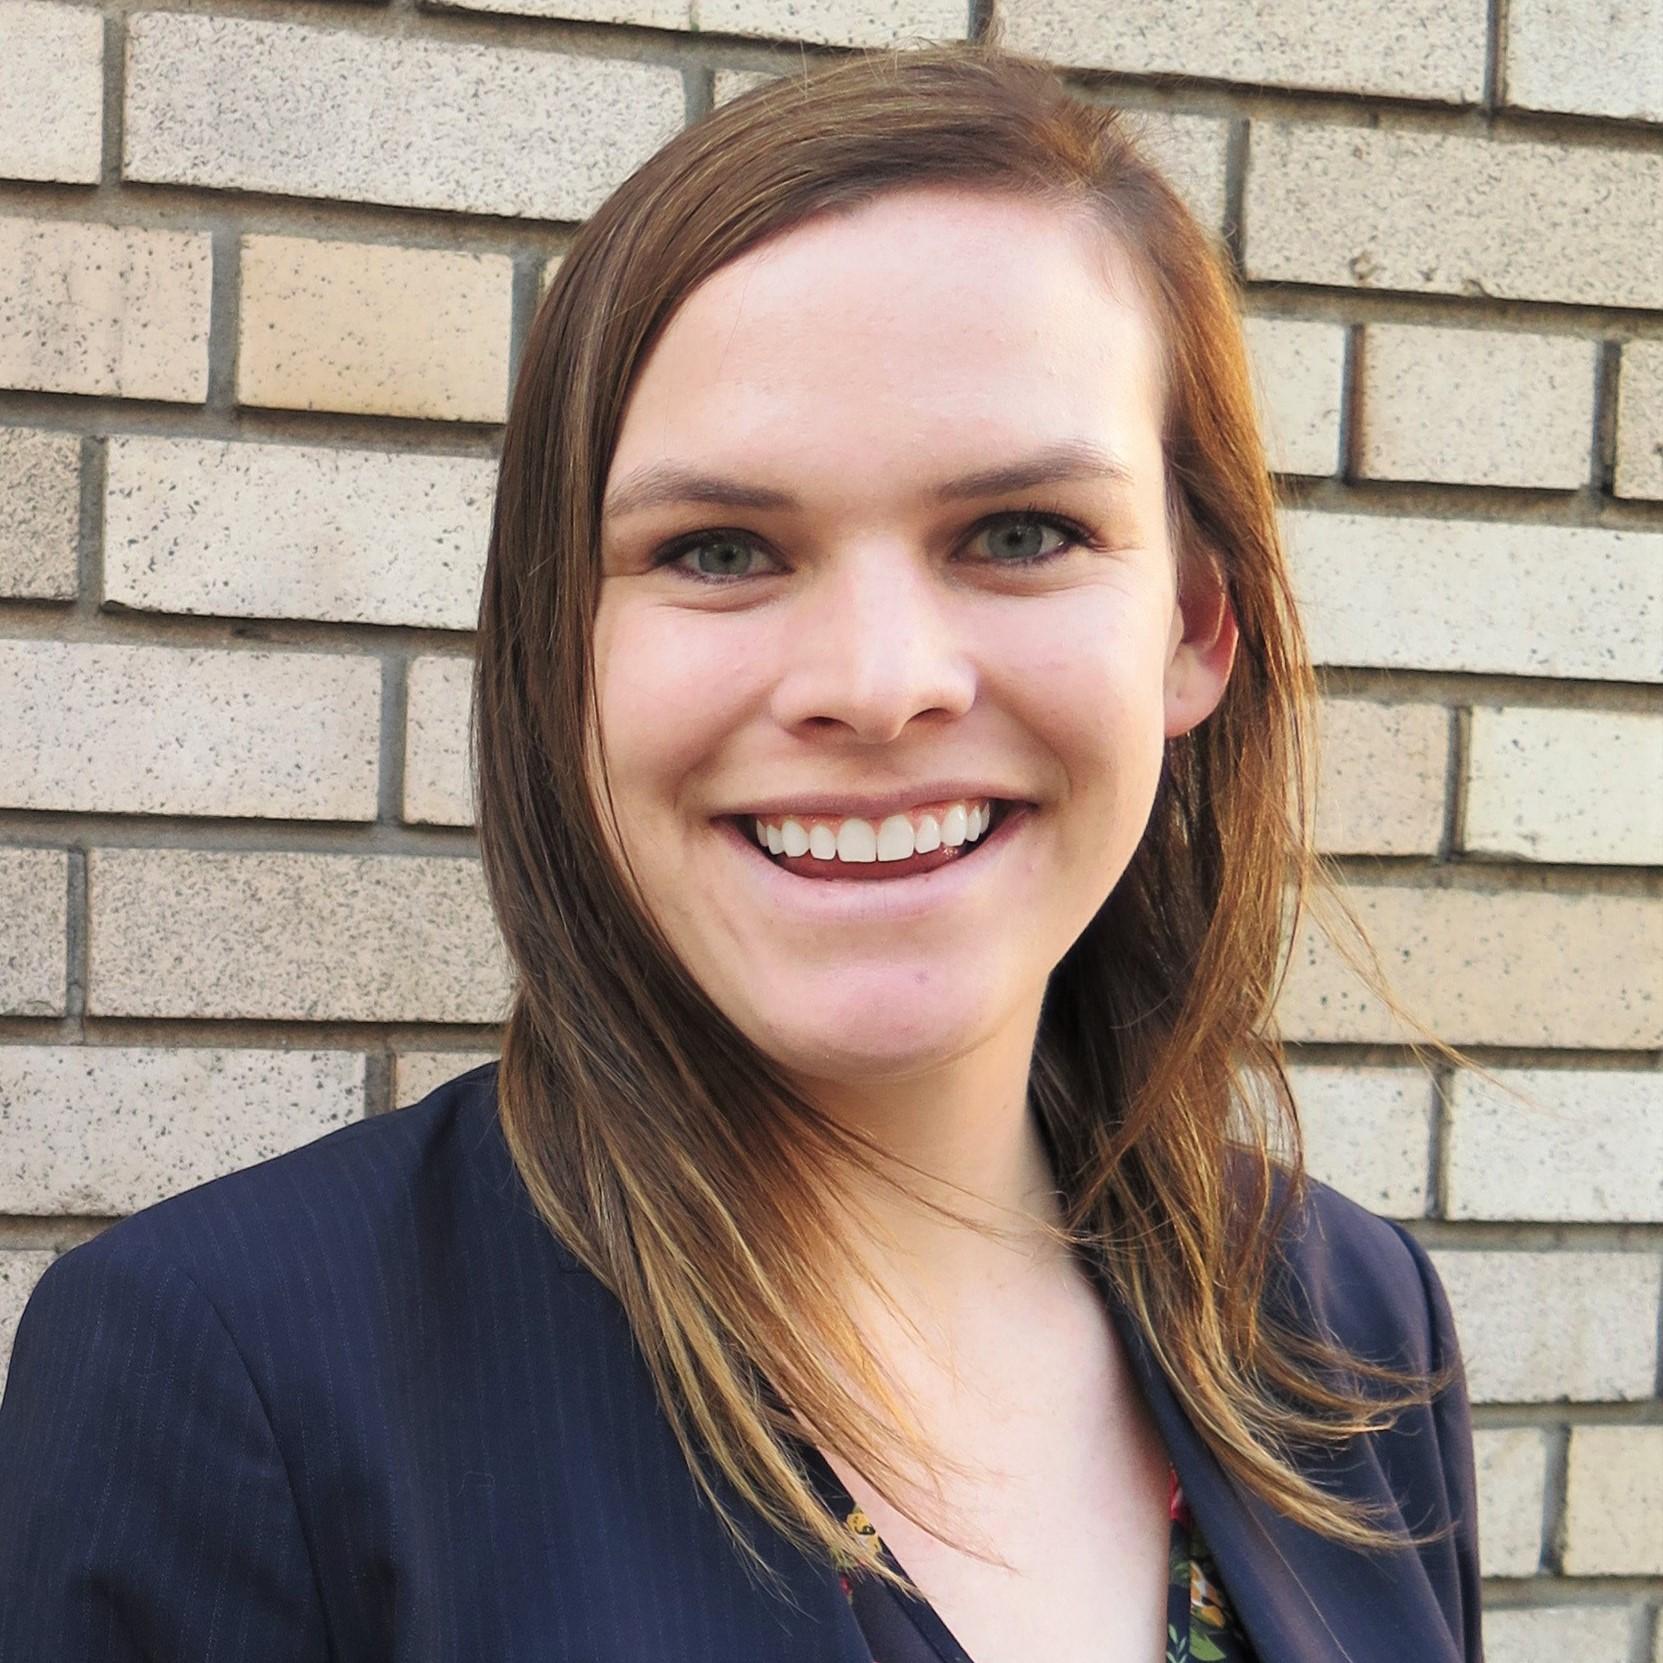 Lisa McCorkell